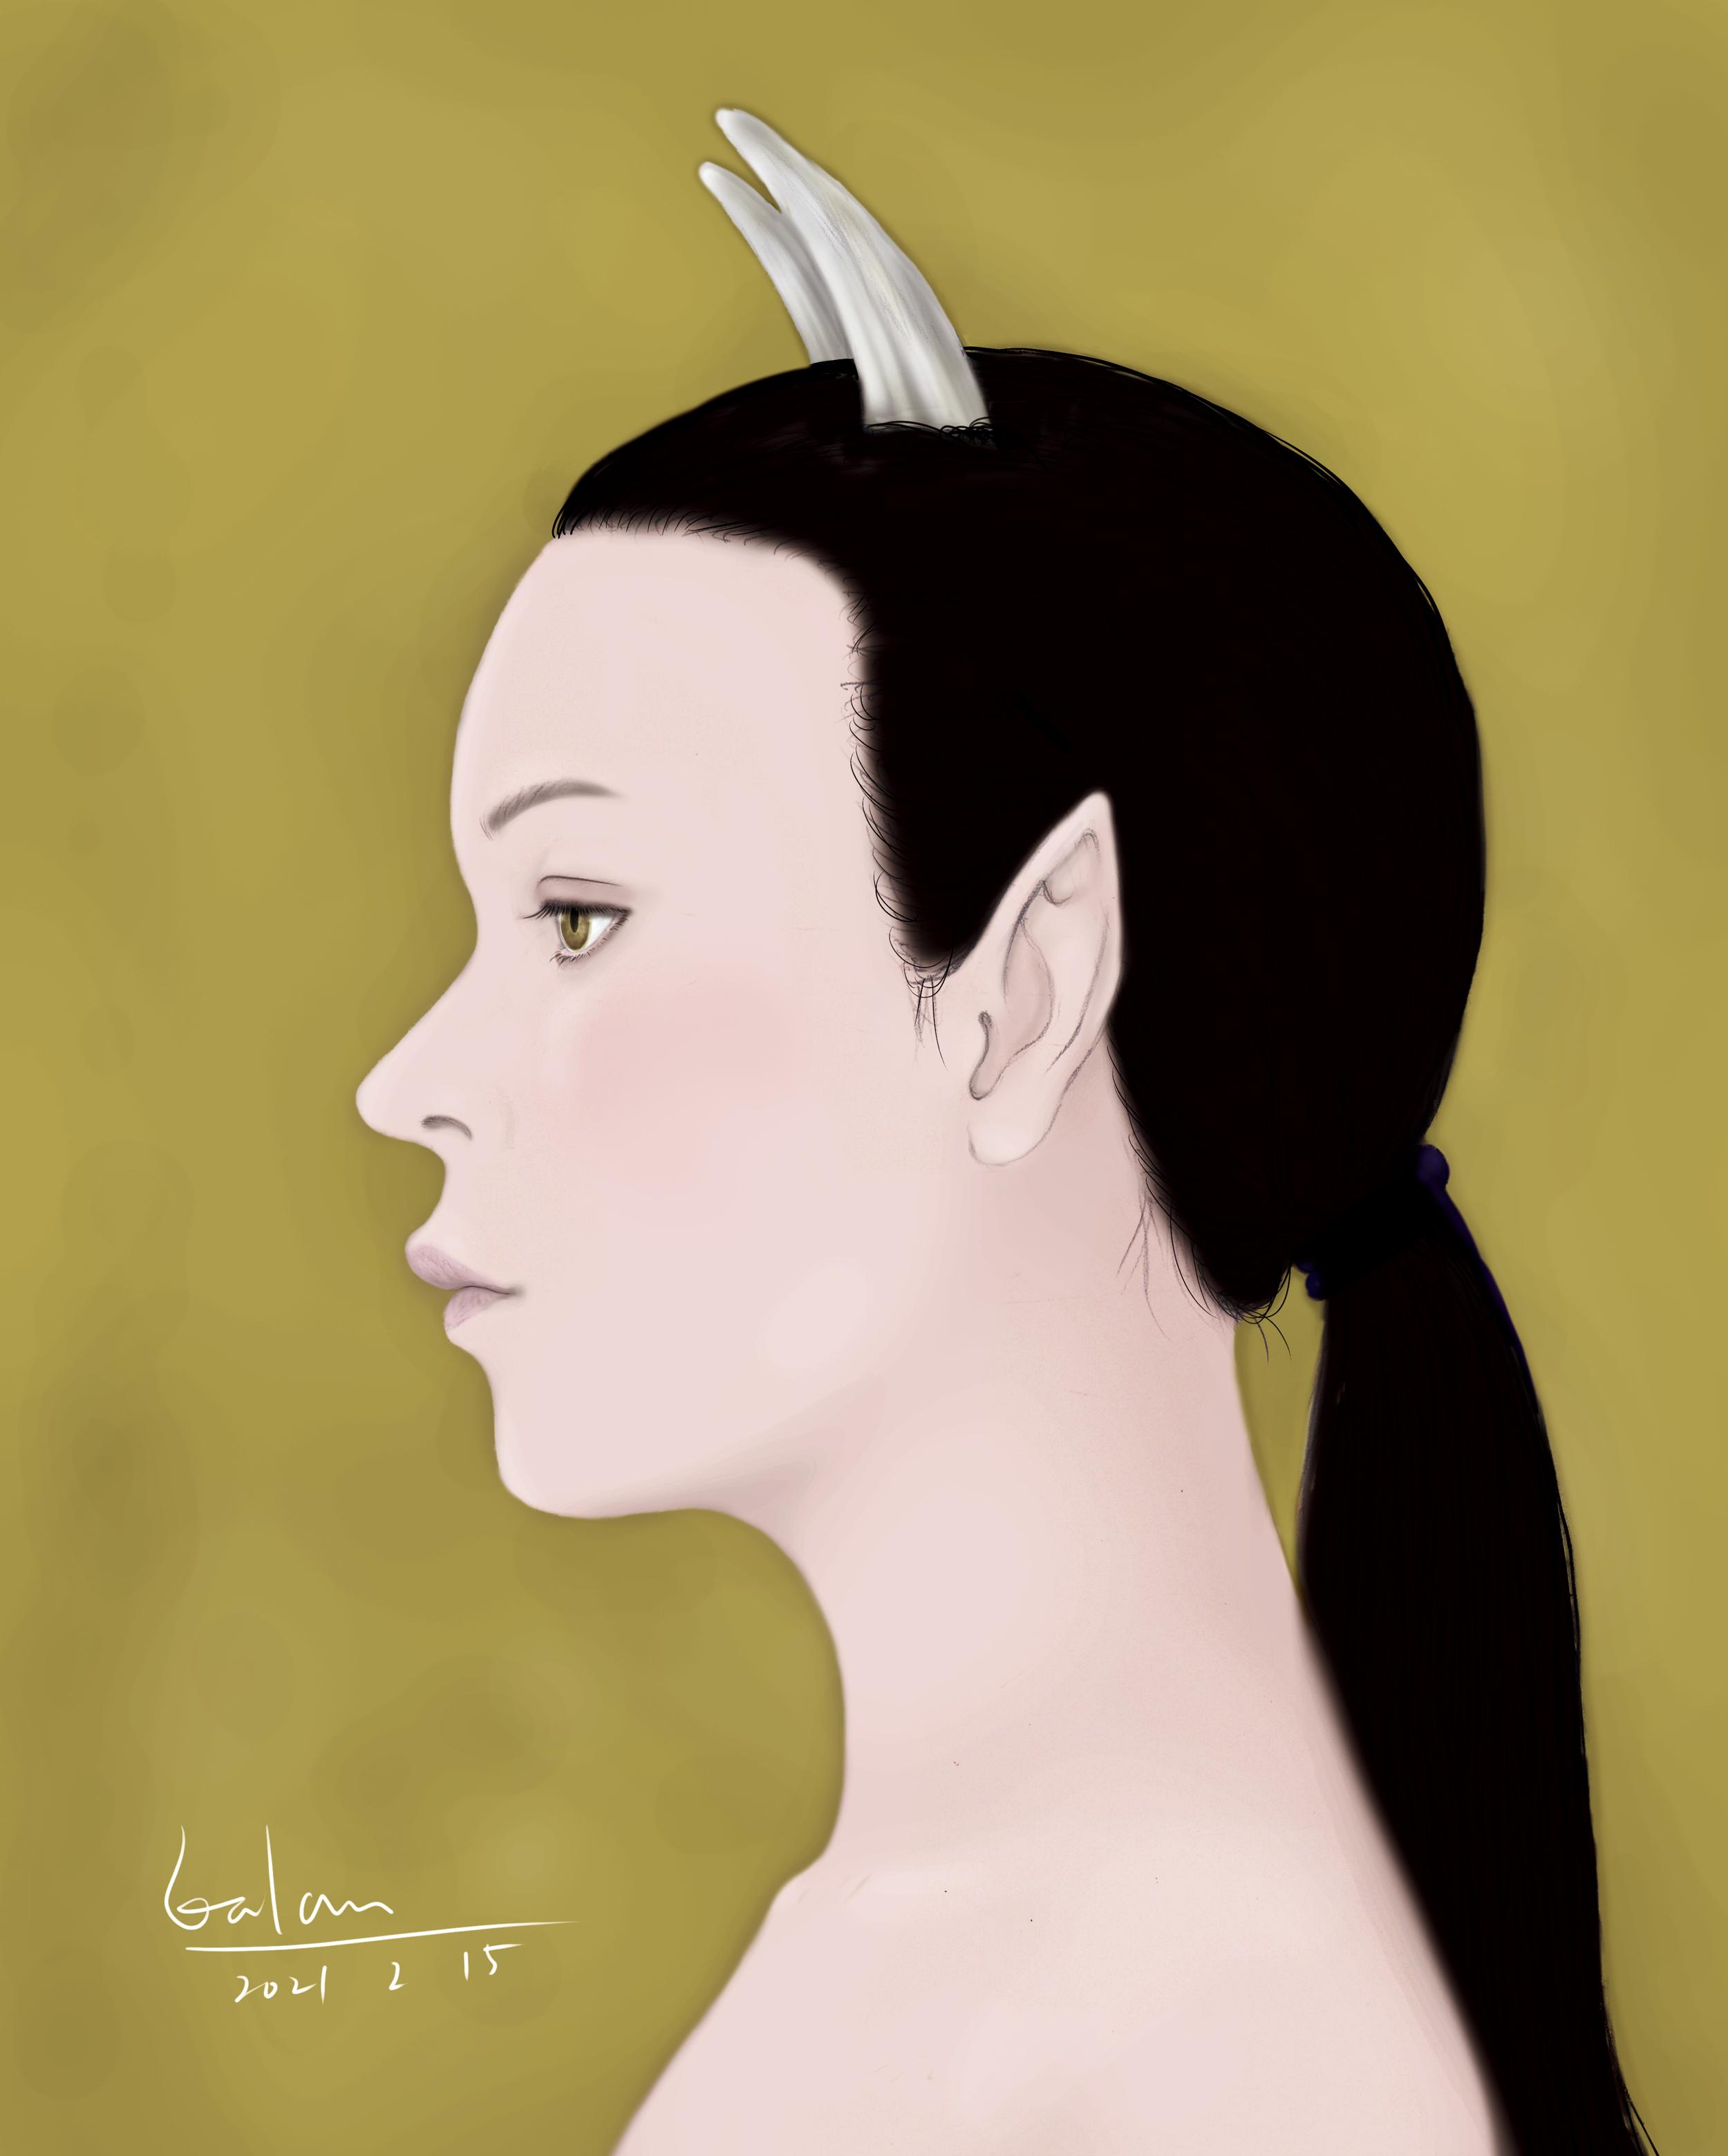 雷神の奥さん(横顔のまとめ)RAIJIN